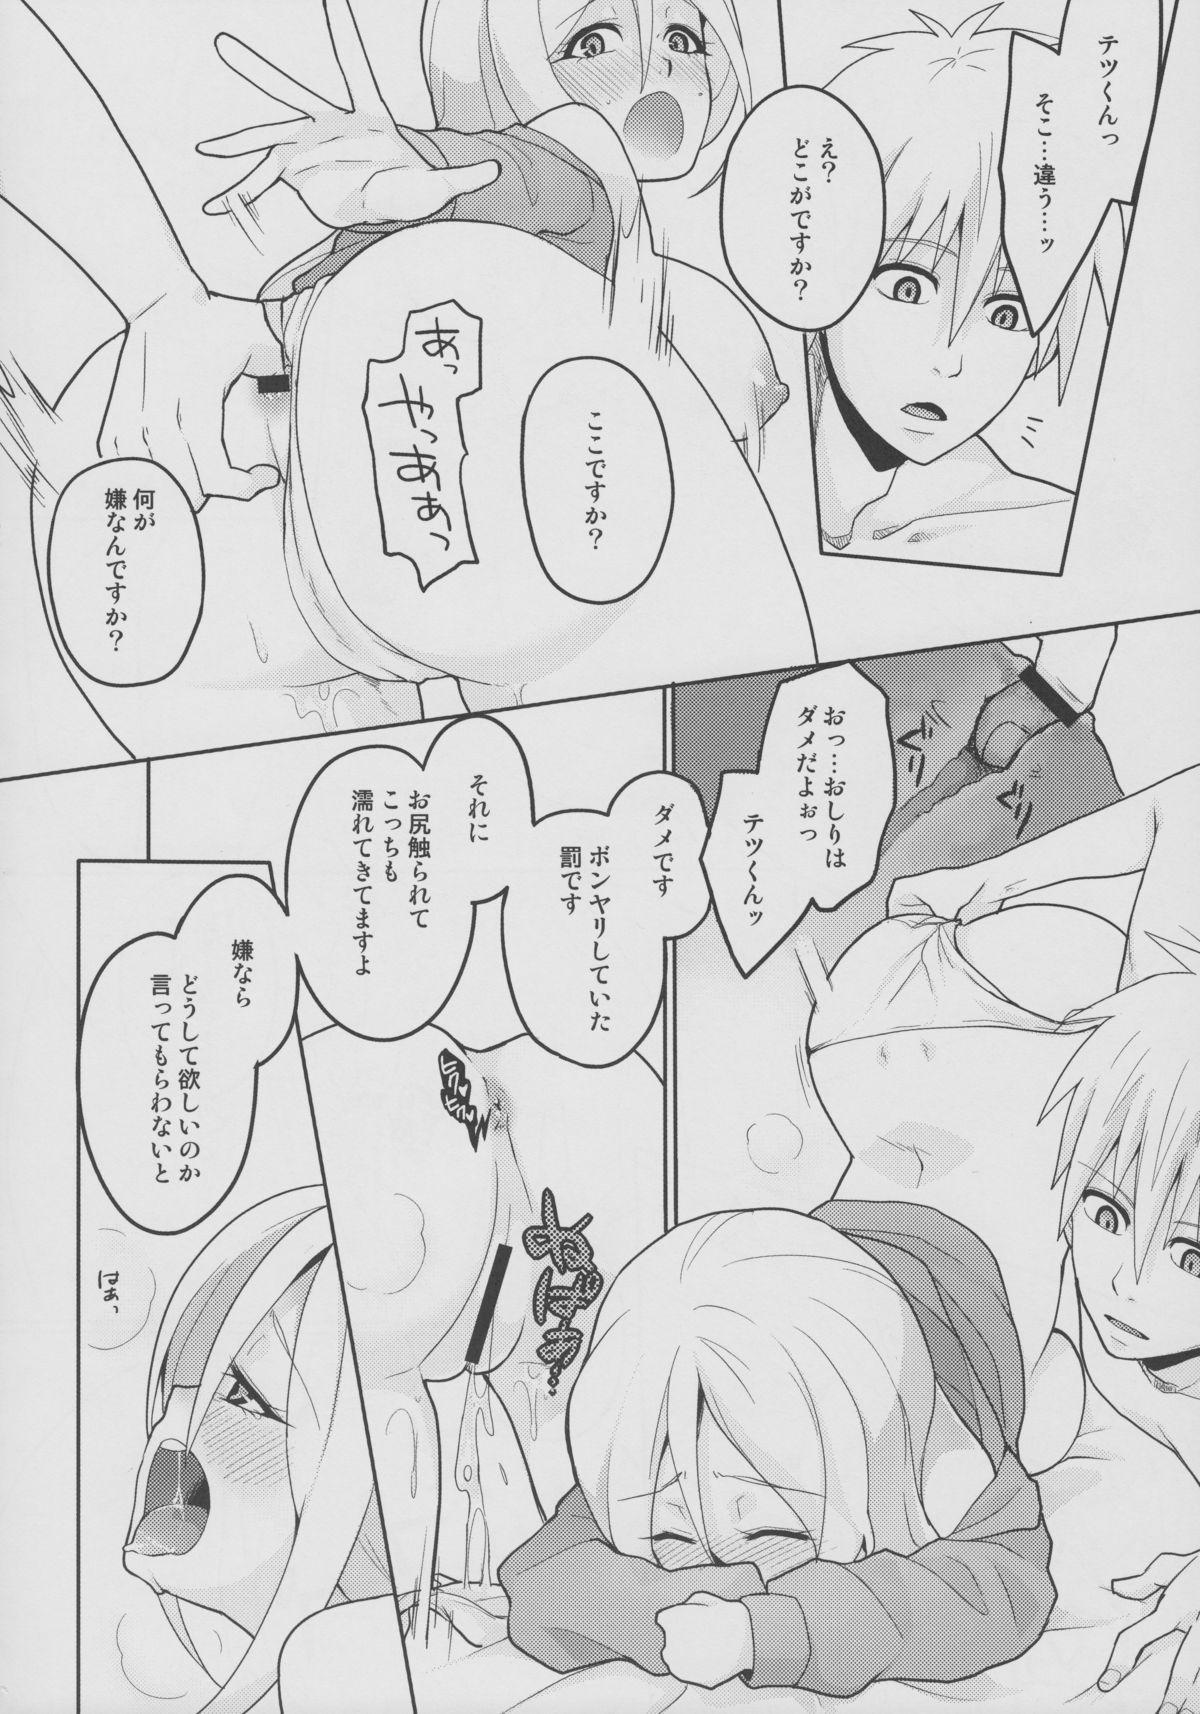 MomoKuro Ecchi 10